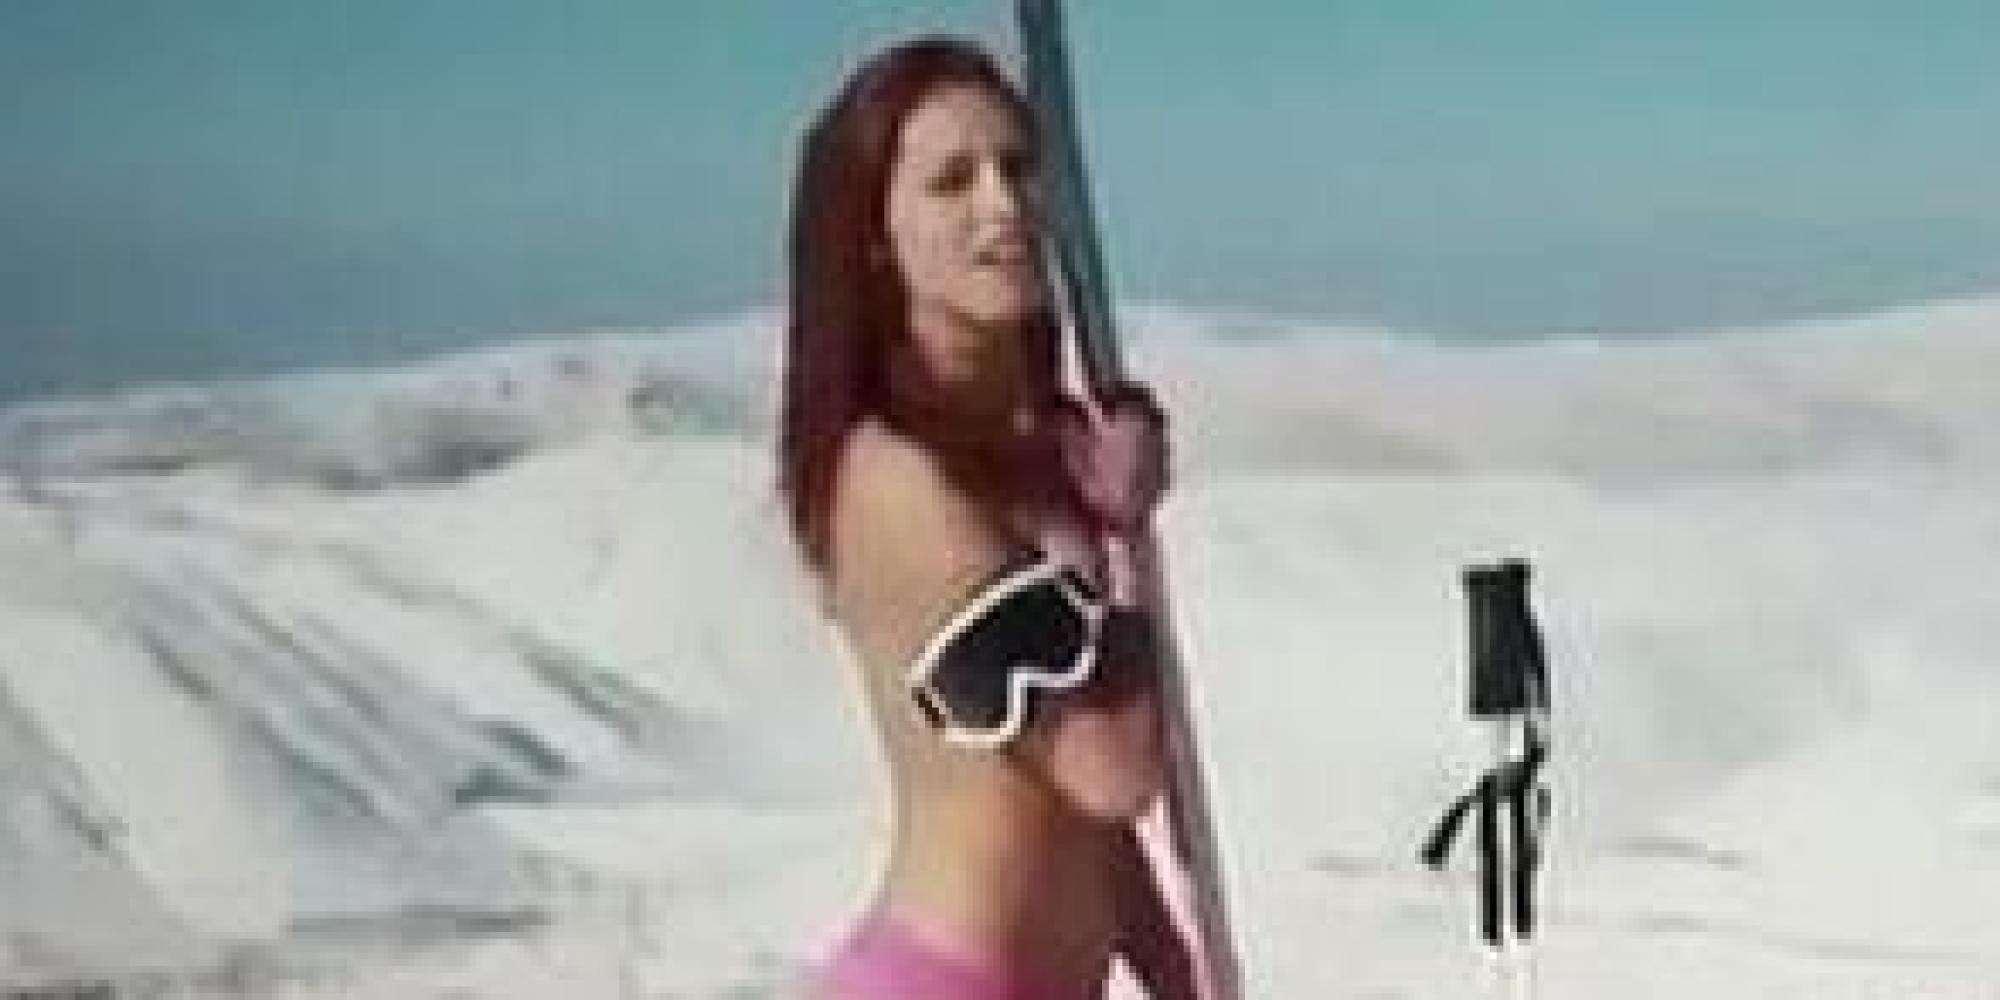 オリンピック選手のトップレス画像が流出 レバノンの若者たちが「脱ぐ」政治的理由 【画像集】